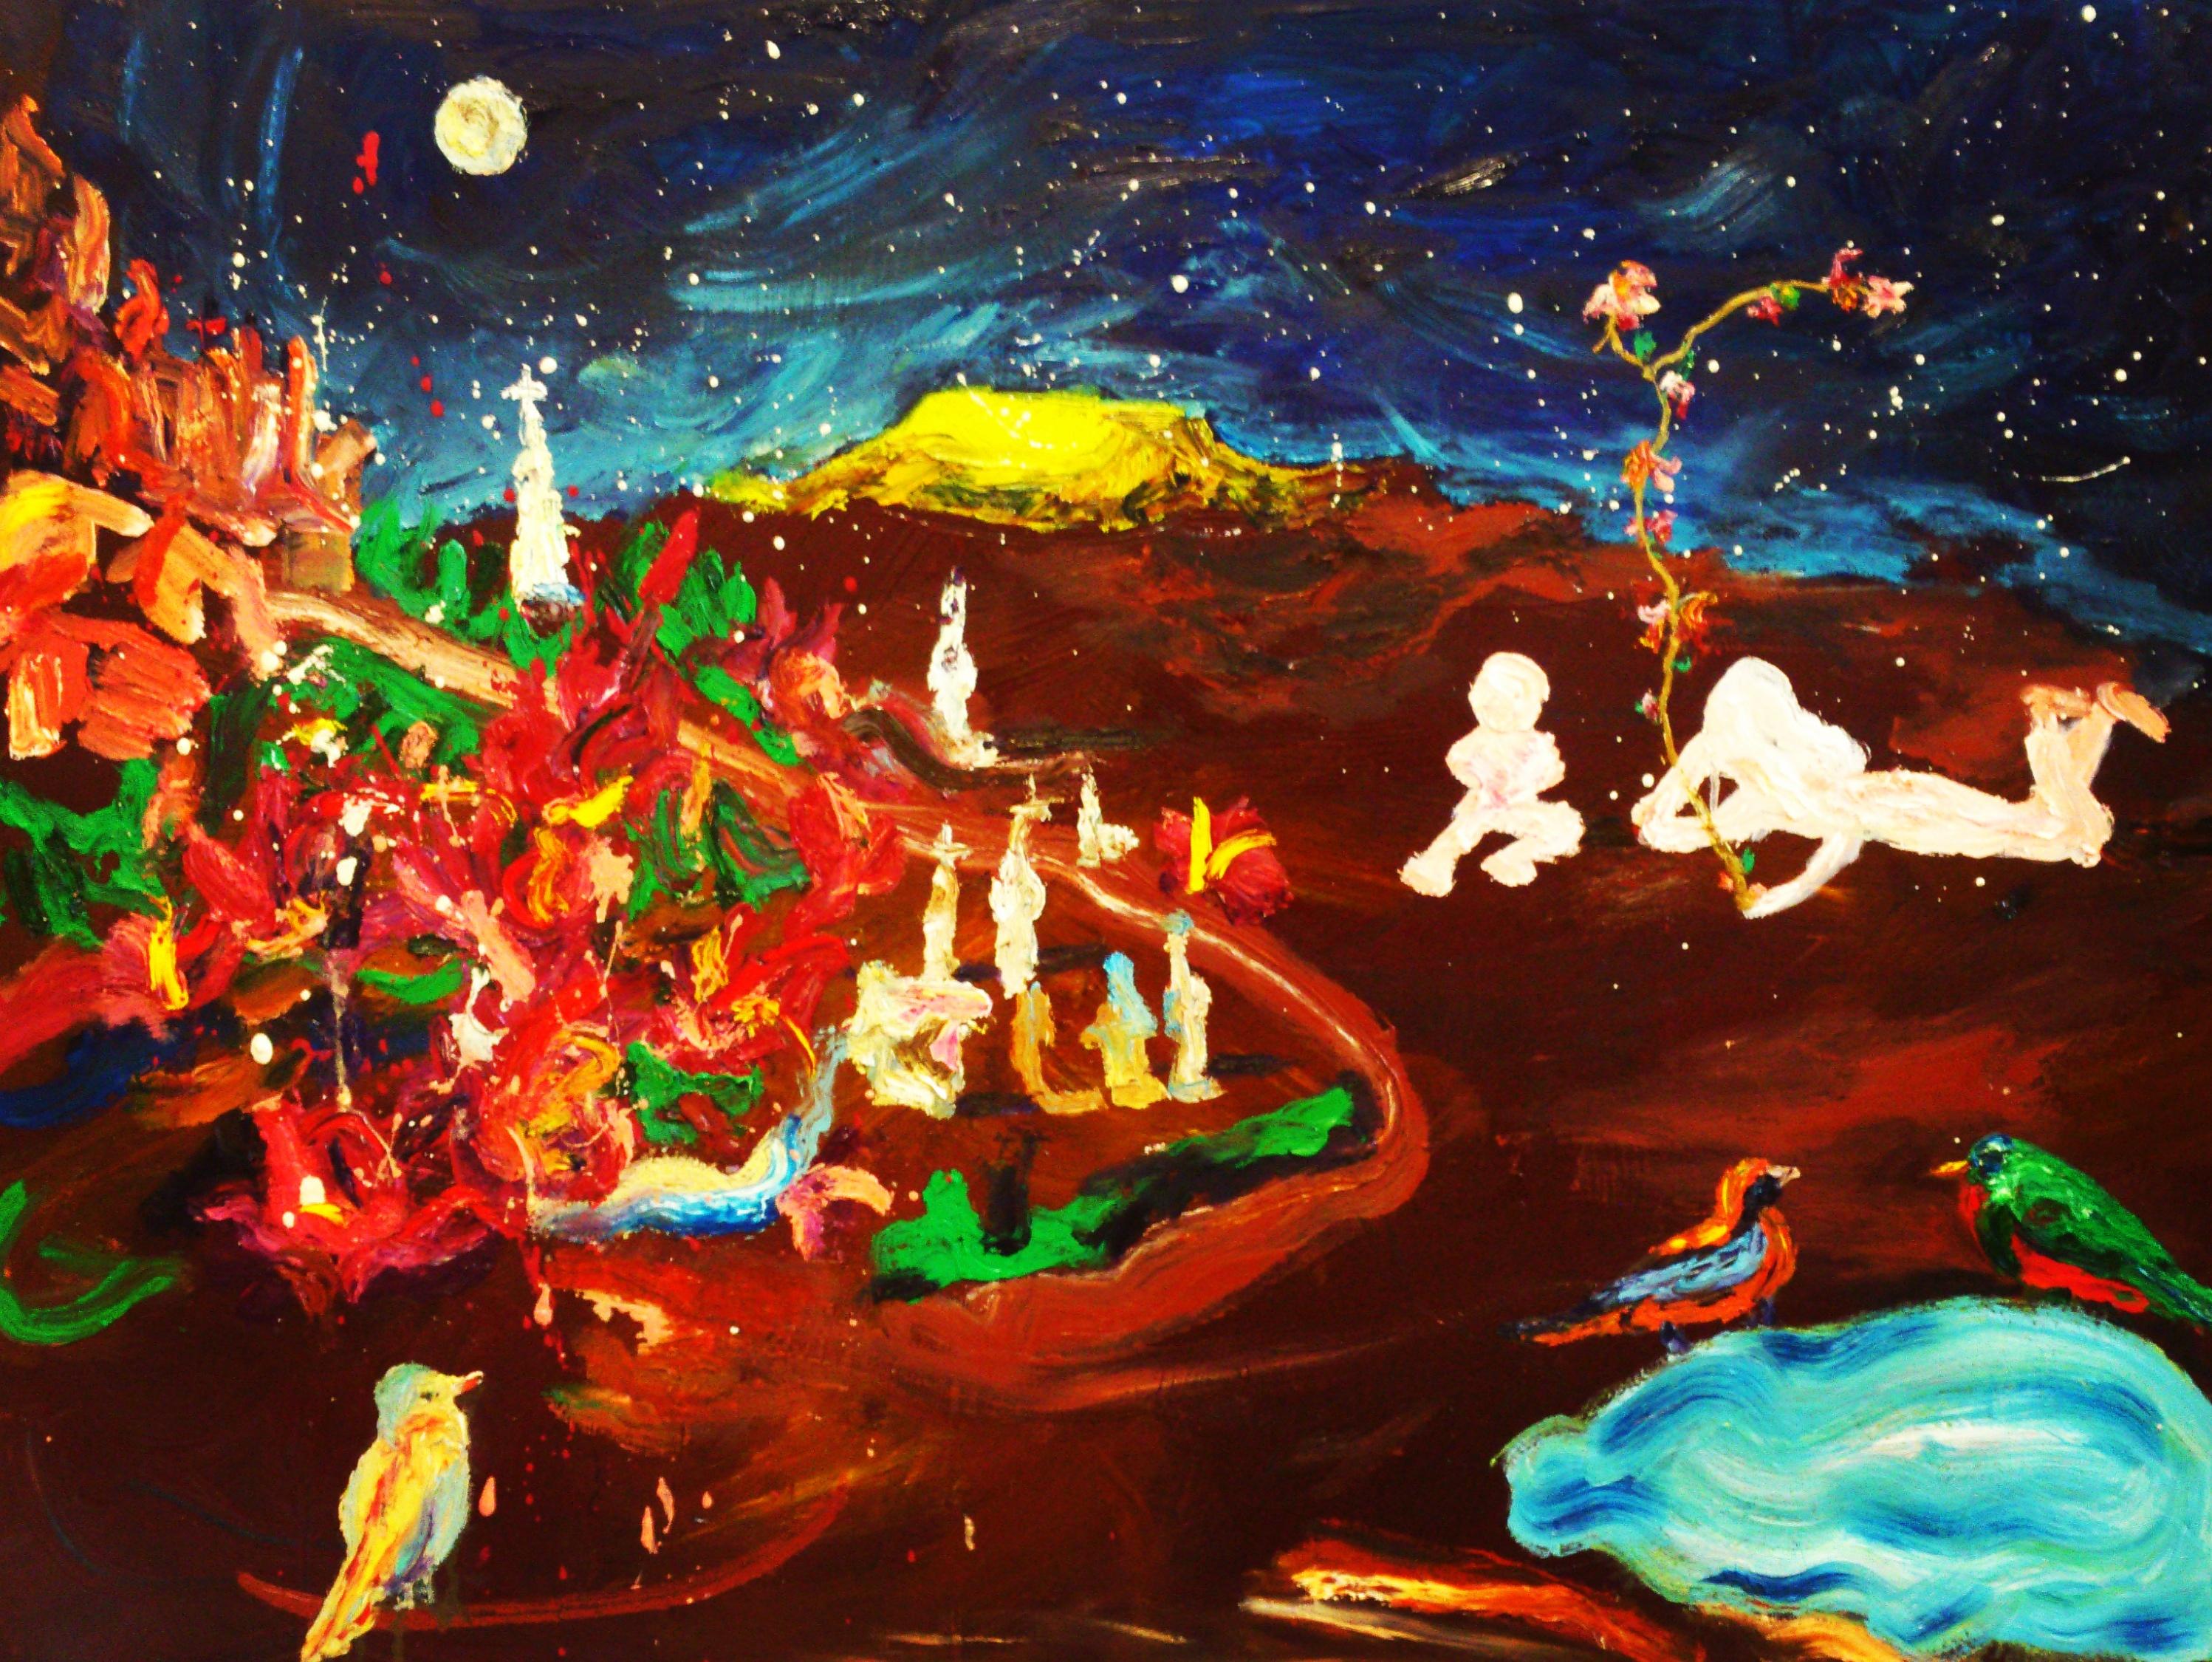 Milkyway oil on canvas 85 x 96cm